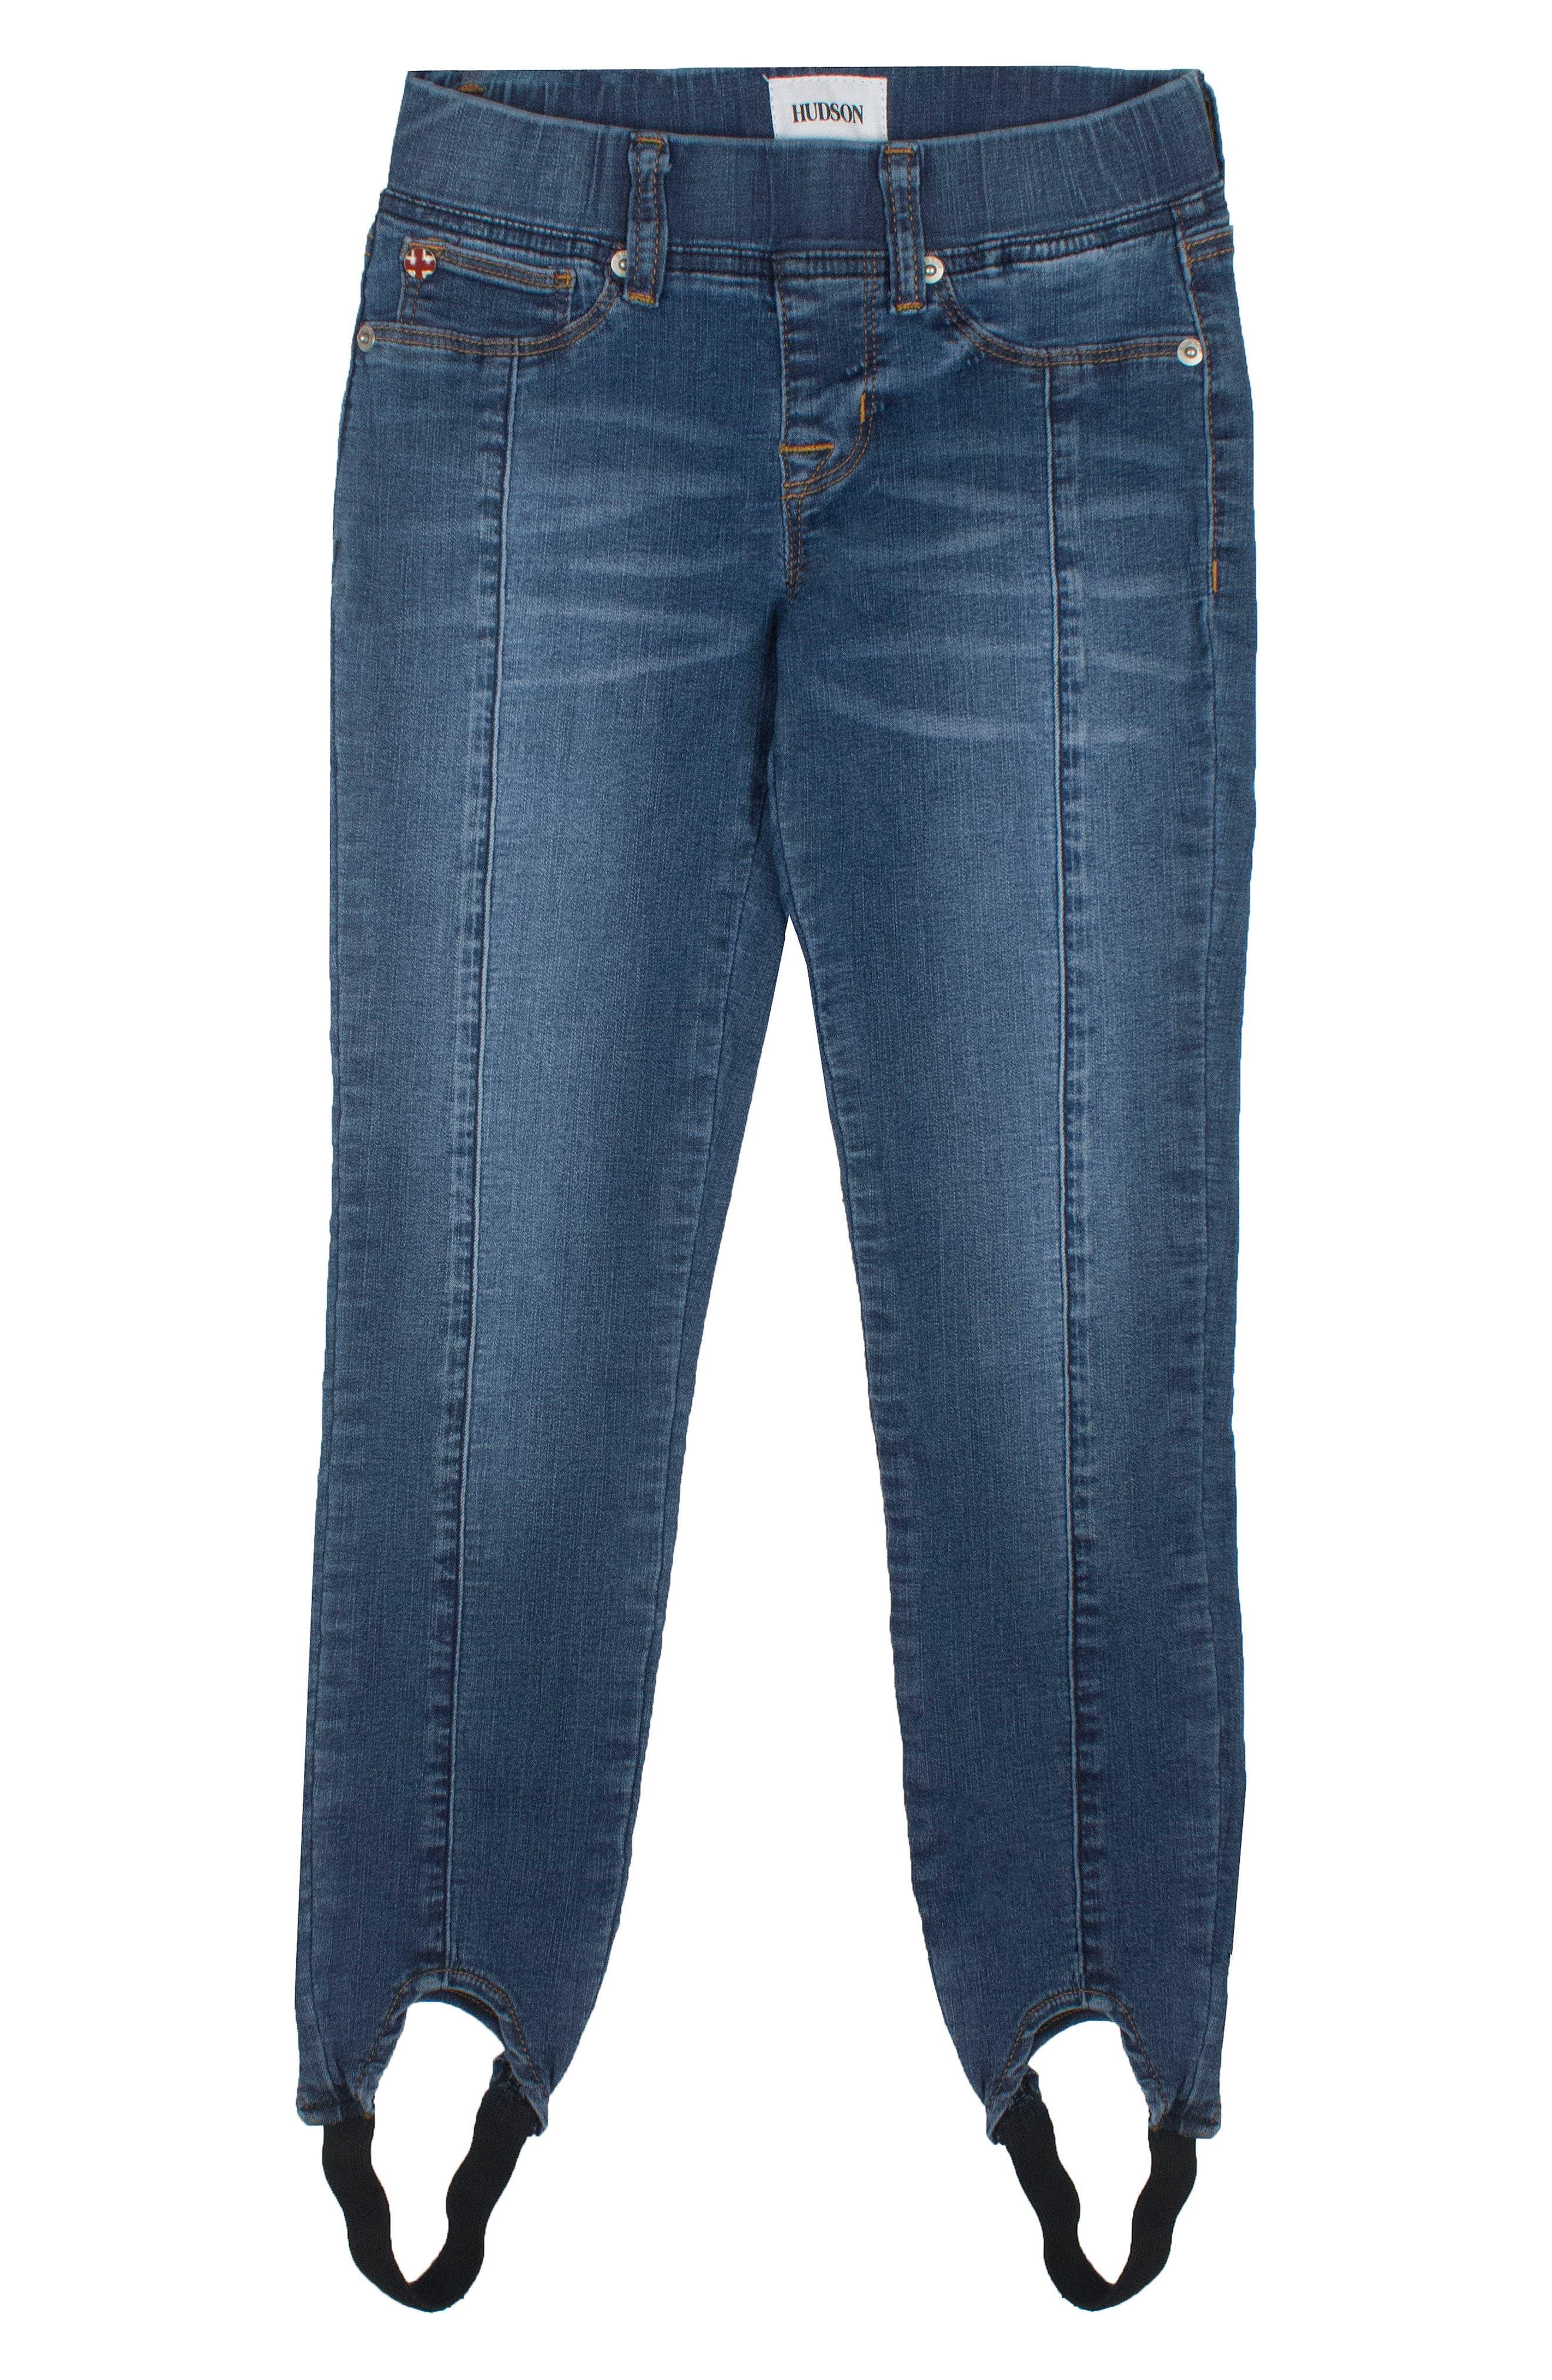 Alternate Image 1 Selected - Hudson Kids Rosa Stirrup Jeans (Big Girls)